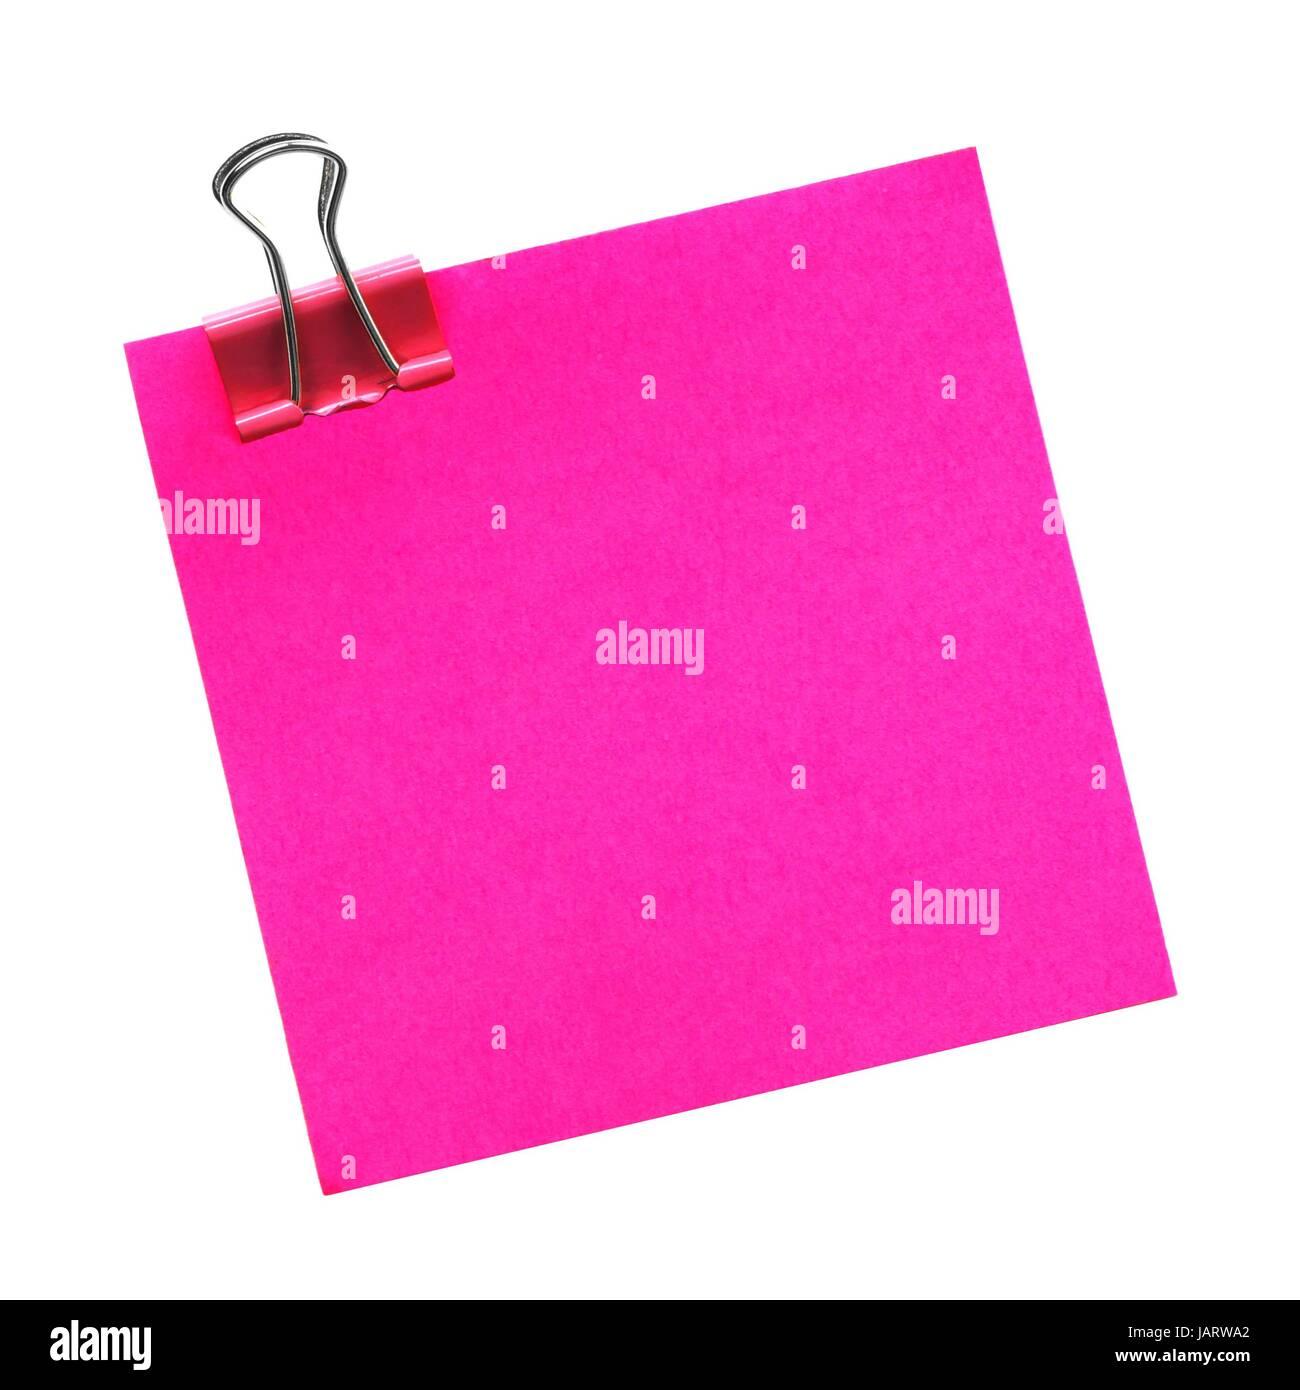 Rosa Bianco una nota adesiva con fermaglio isolato su uno sfondo bianco Immagini Stock